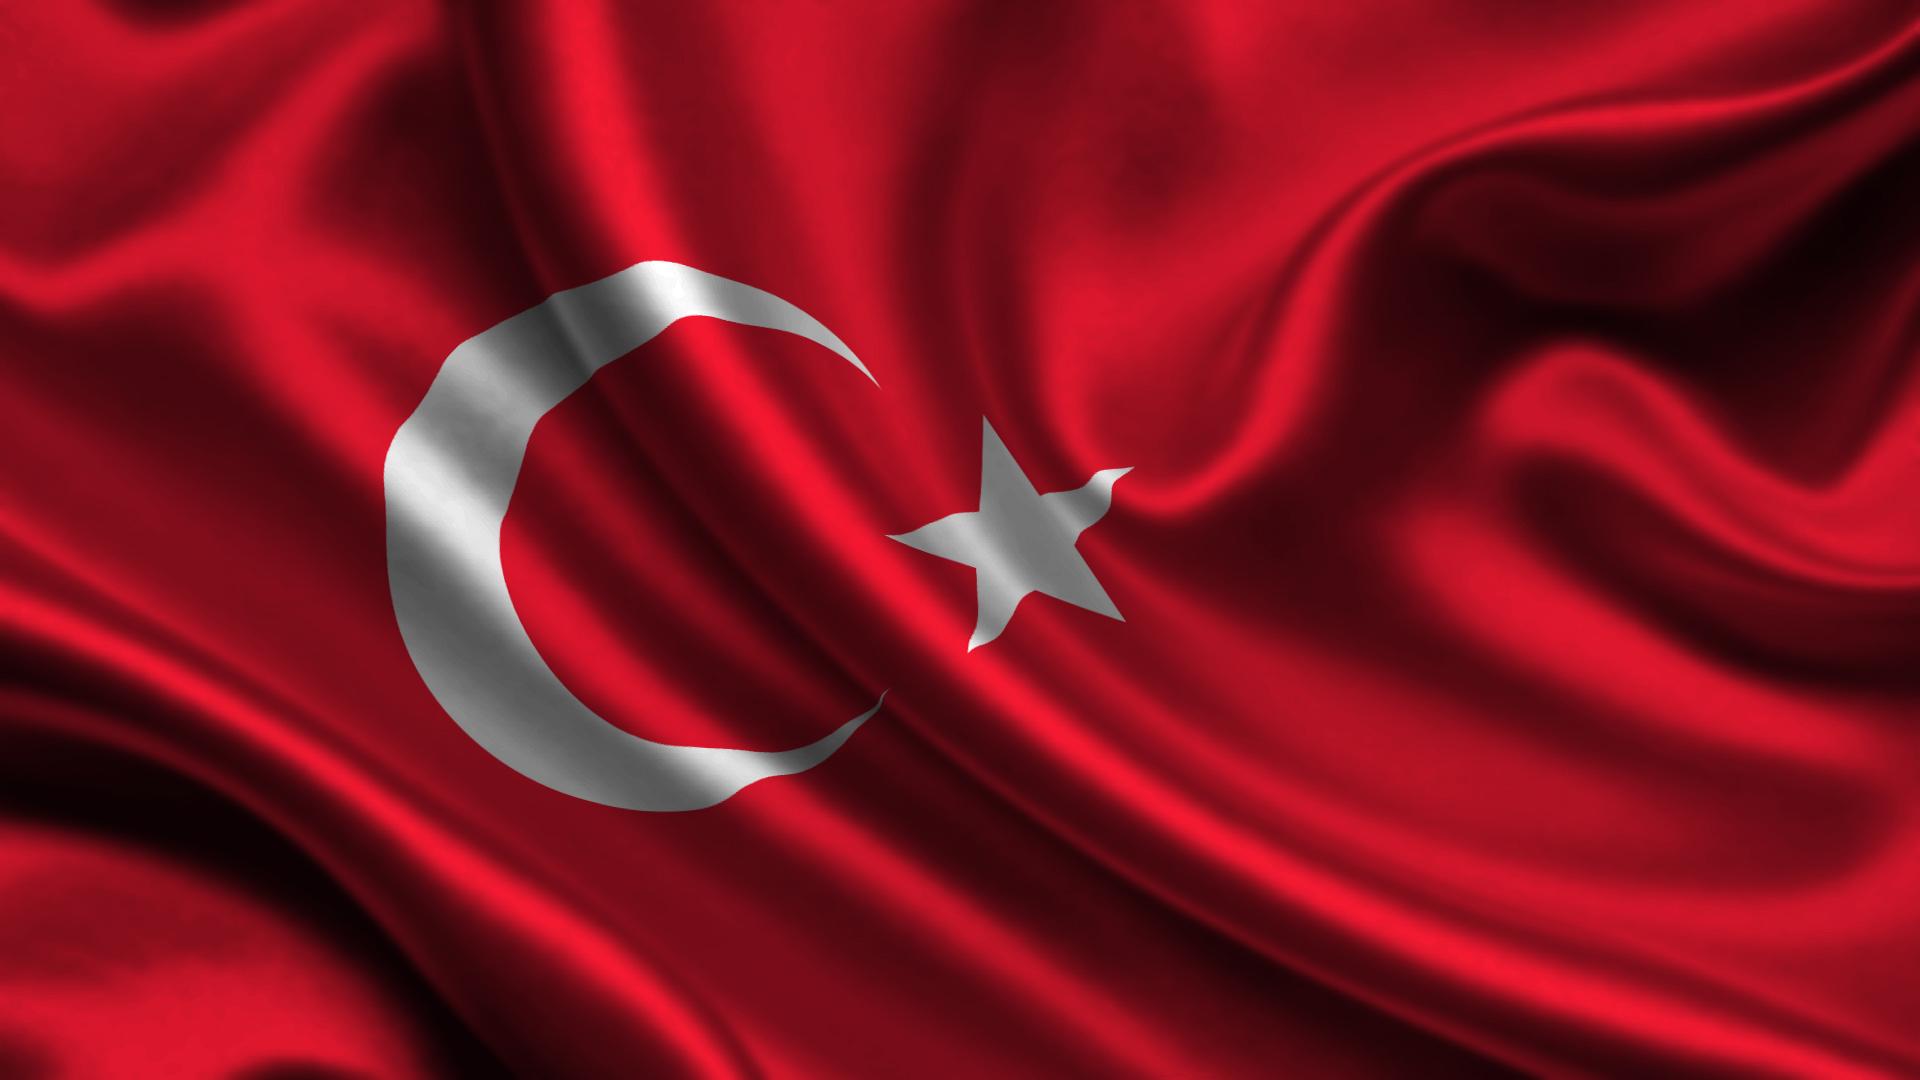 Veste proastă pentru românii care vor să petreacă revelionul în Turcia. Precizările MAE de ultimă oră